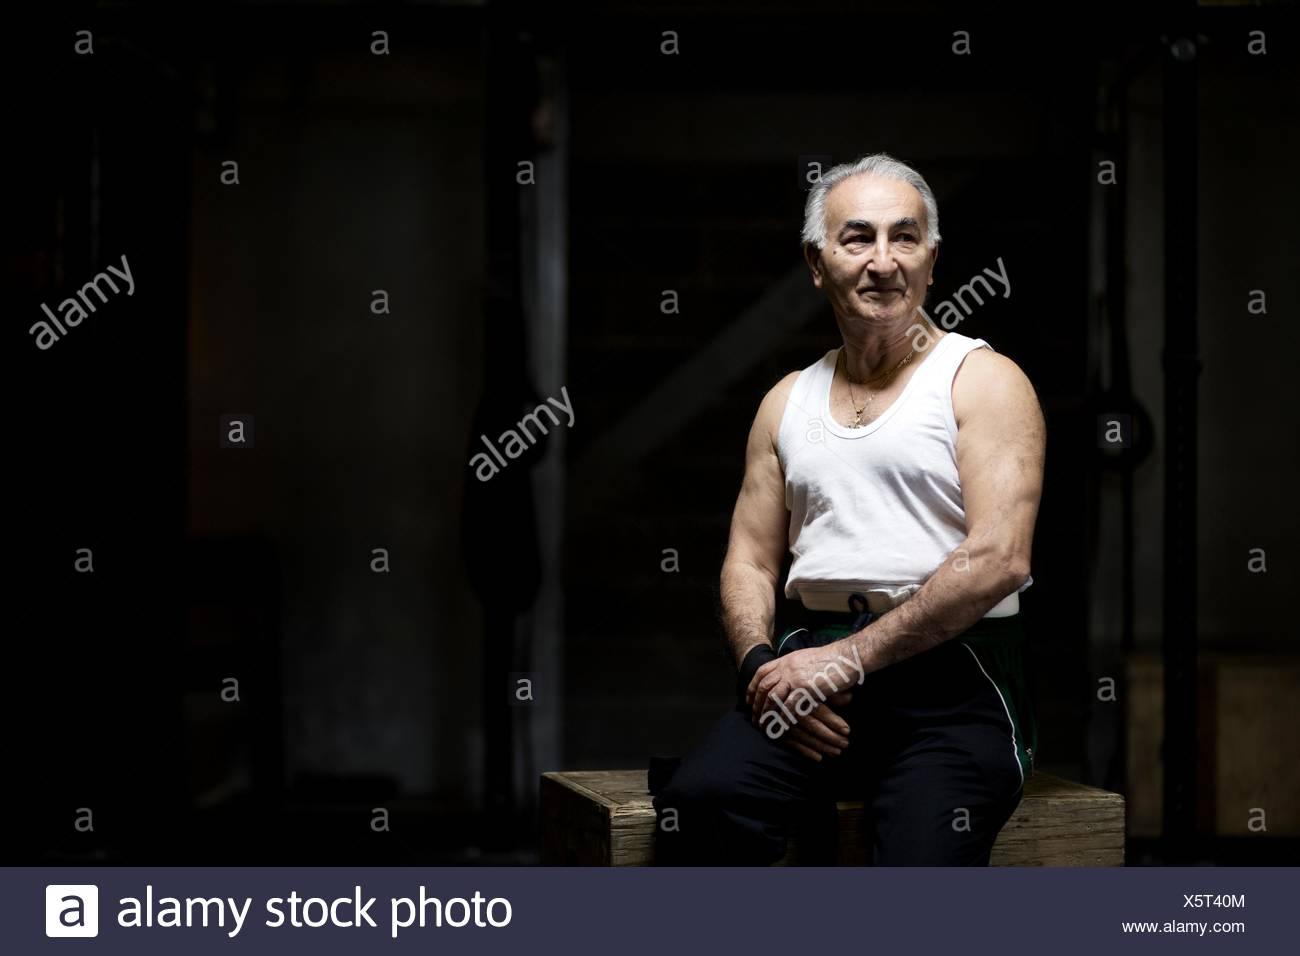 Ritratto di capelli grigi senior uomo seduto nel buio della palestra Immagini Stock